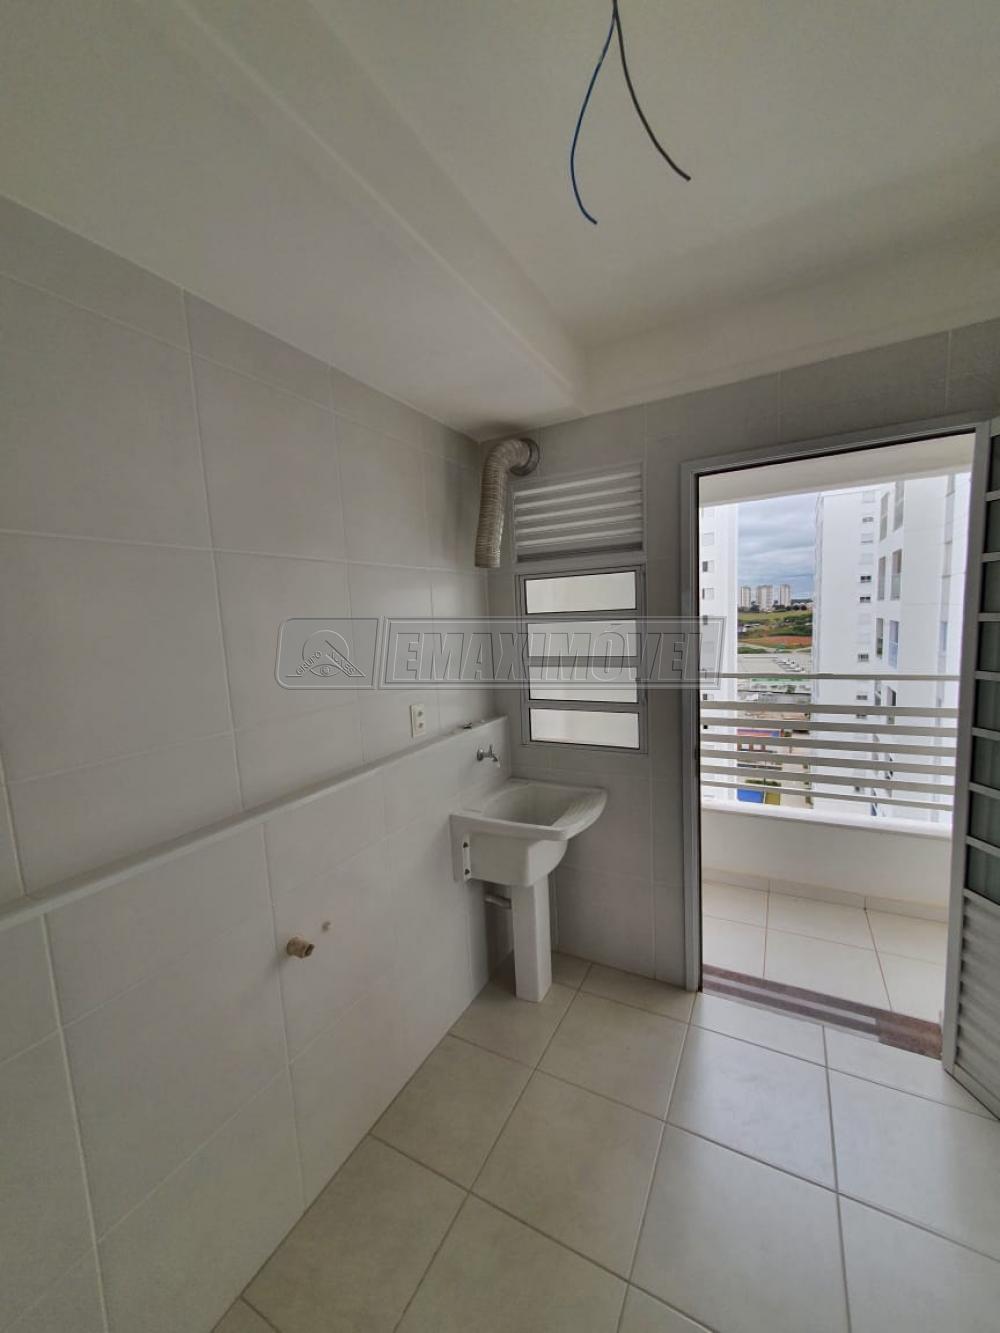 Comprar Apartamento / Padrão em Sorocaba R$ 1.150.000,00 - Foto 26